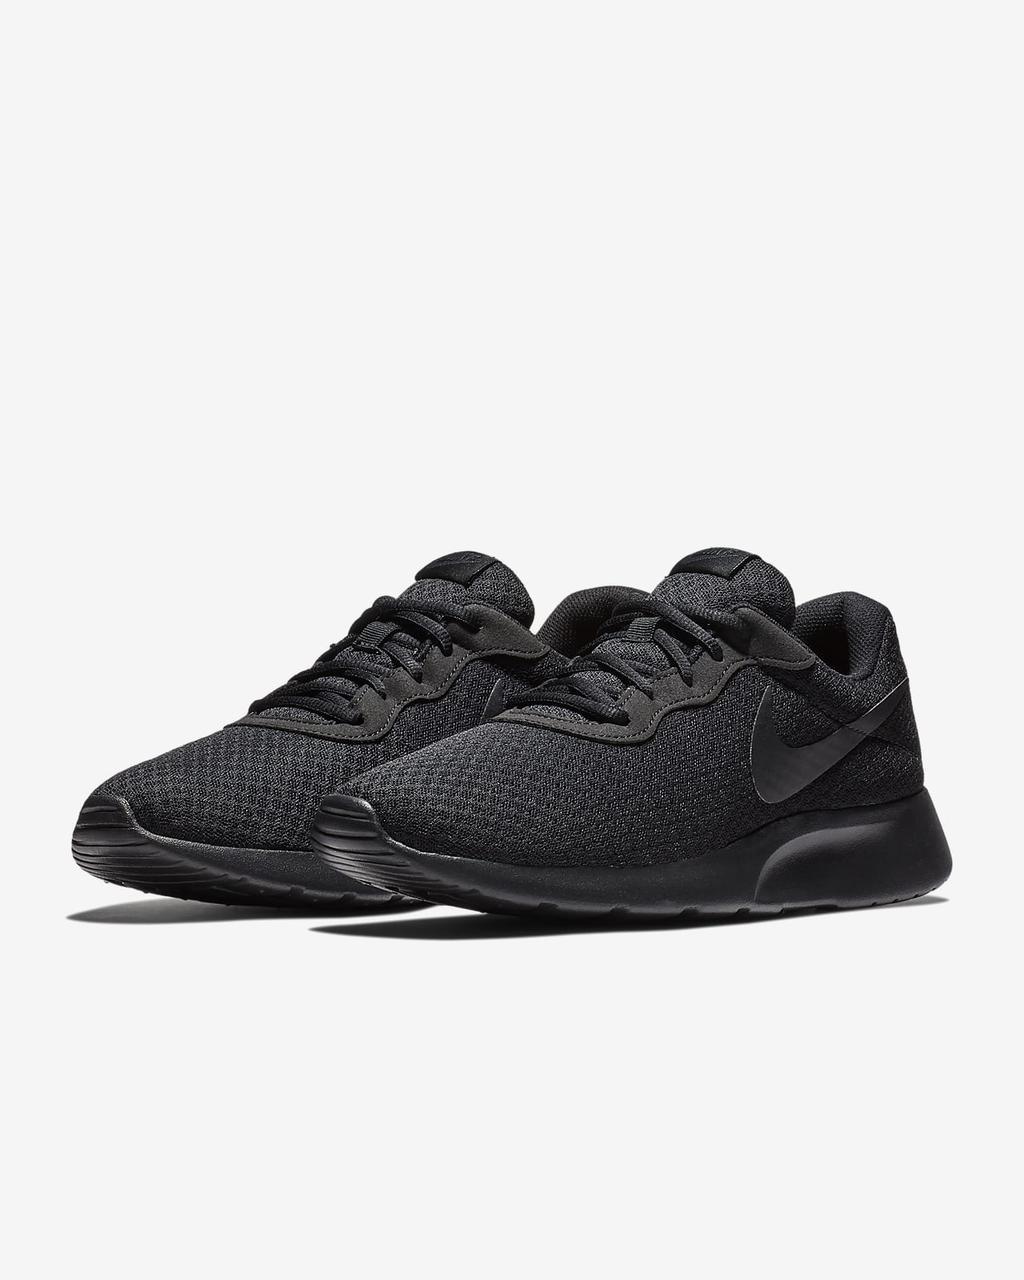 Кросівки чоловічі Nike Tanjun чорні 812654-001